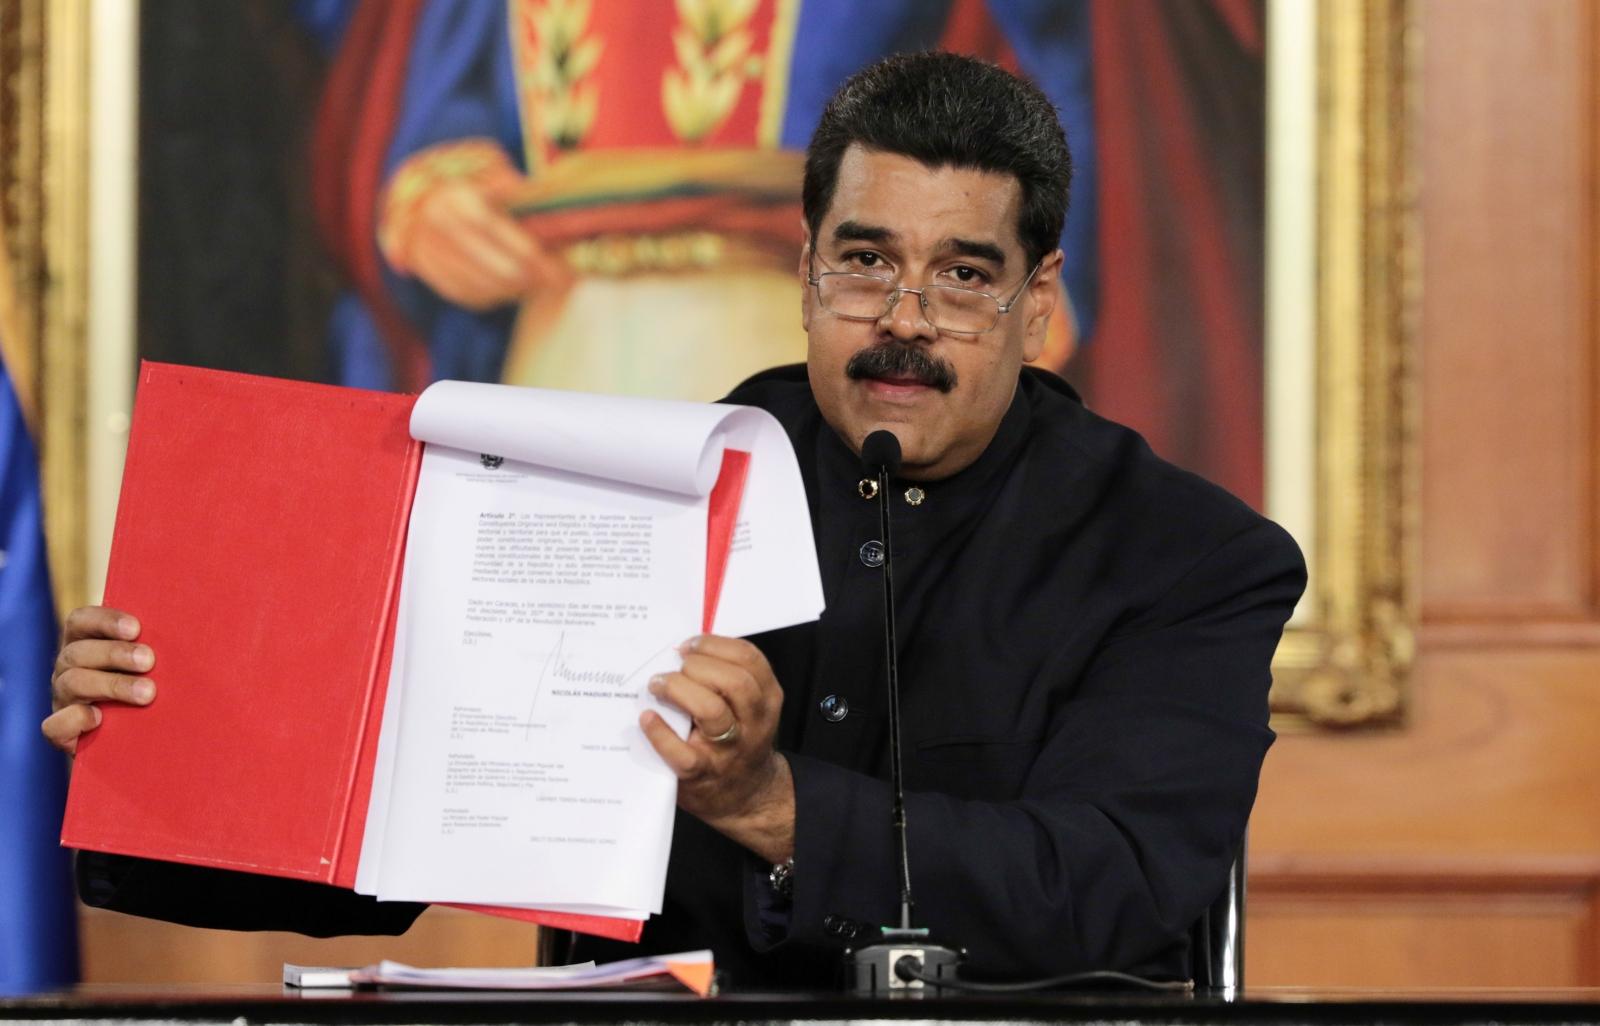 Venezuelan President Maduro attempting to rewrite constitution